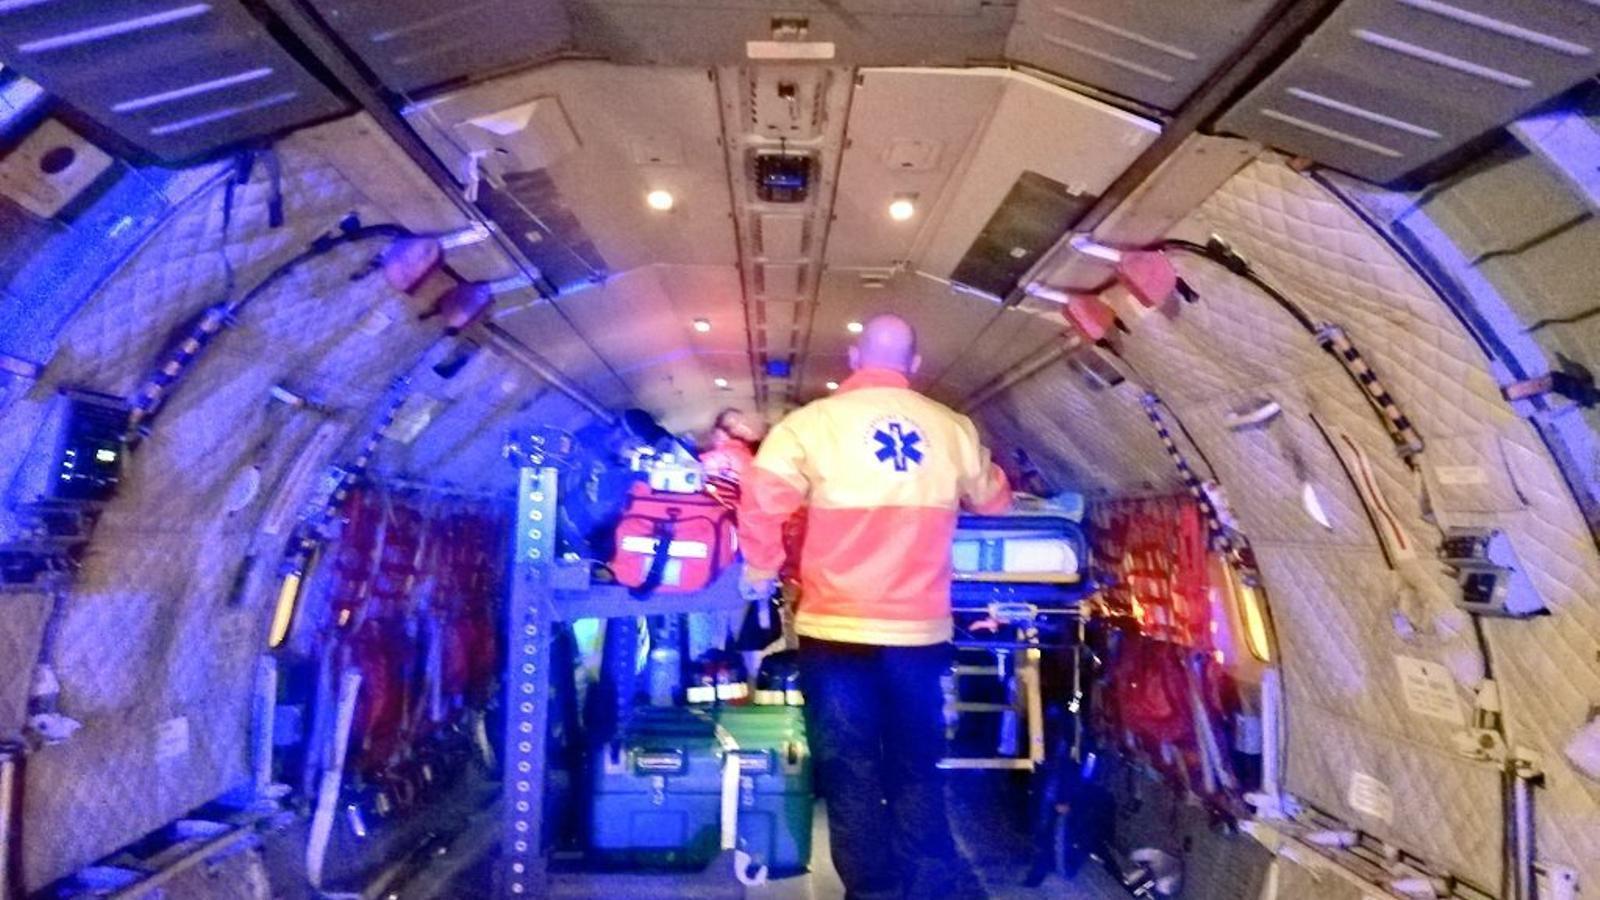 Traslladen d'urgència una pacient d'11 anys de Son Espases a l'hospital de la Vall d'Hebron